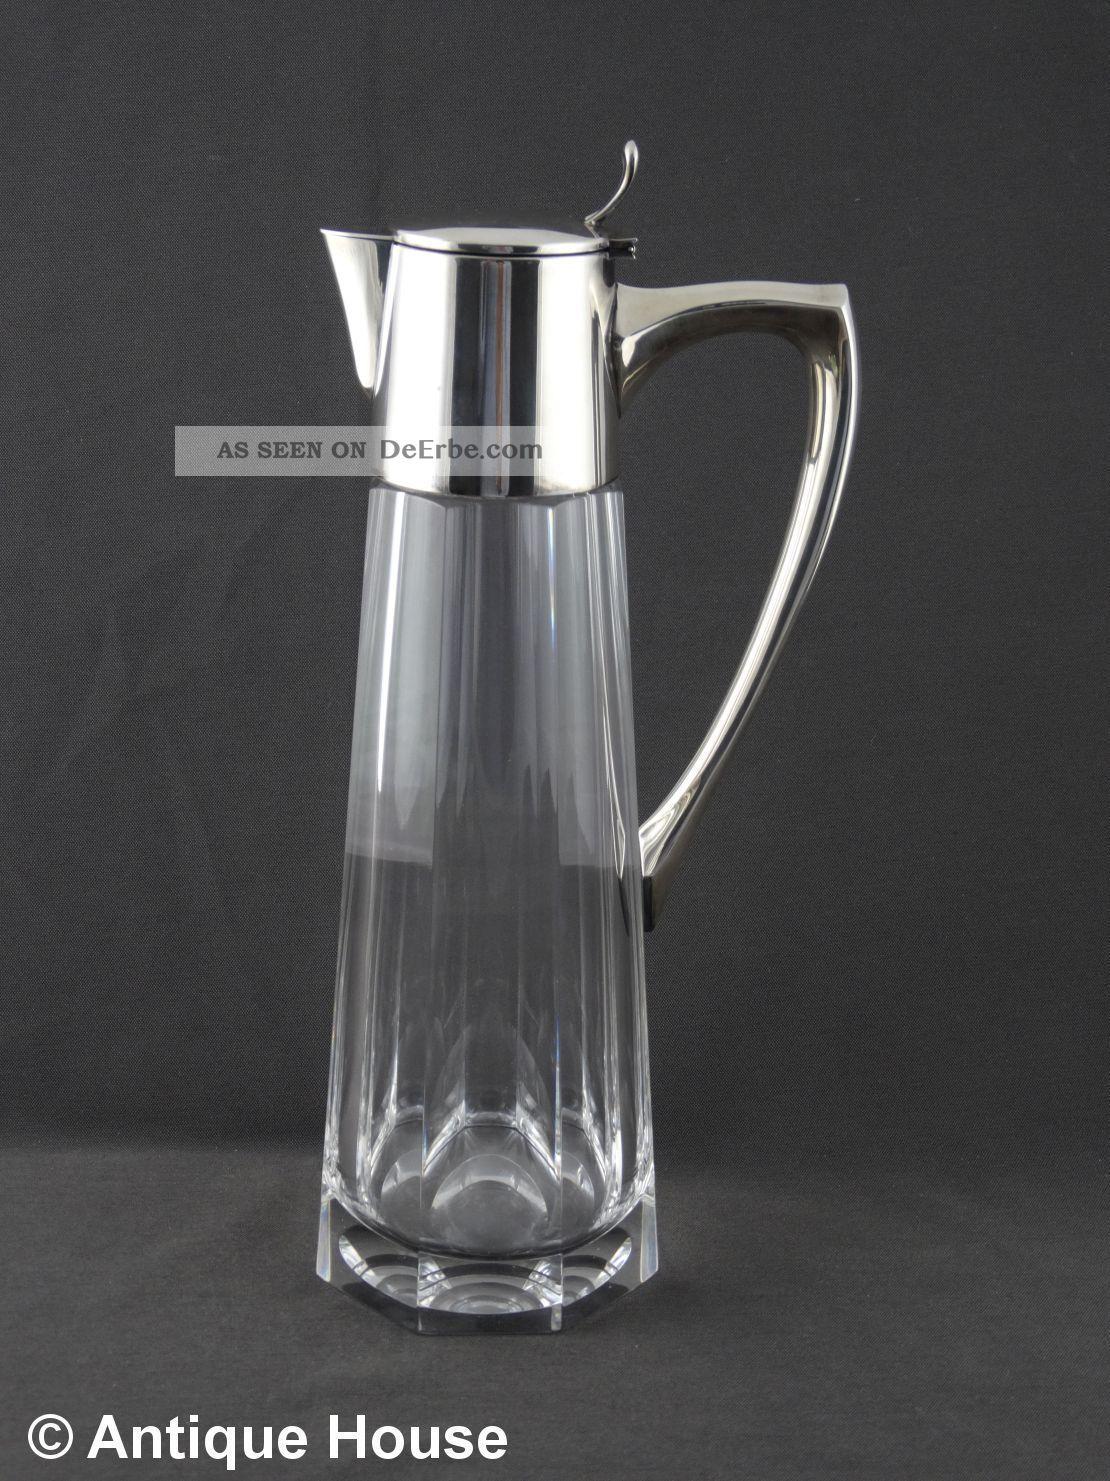 Kristallkaraffe Krug Mit Silbermontierung Silber 925 - Gebr.  Deyhle Jugendstil D Kristall Bild